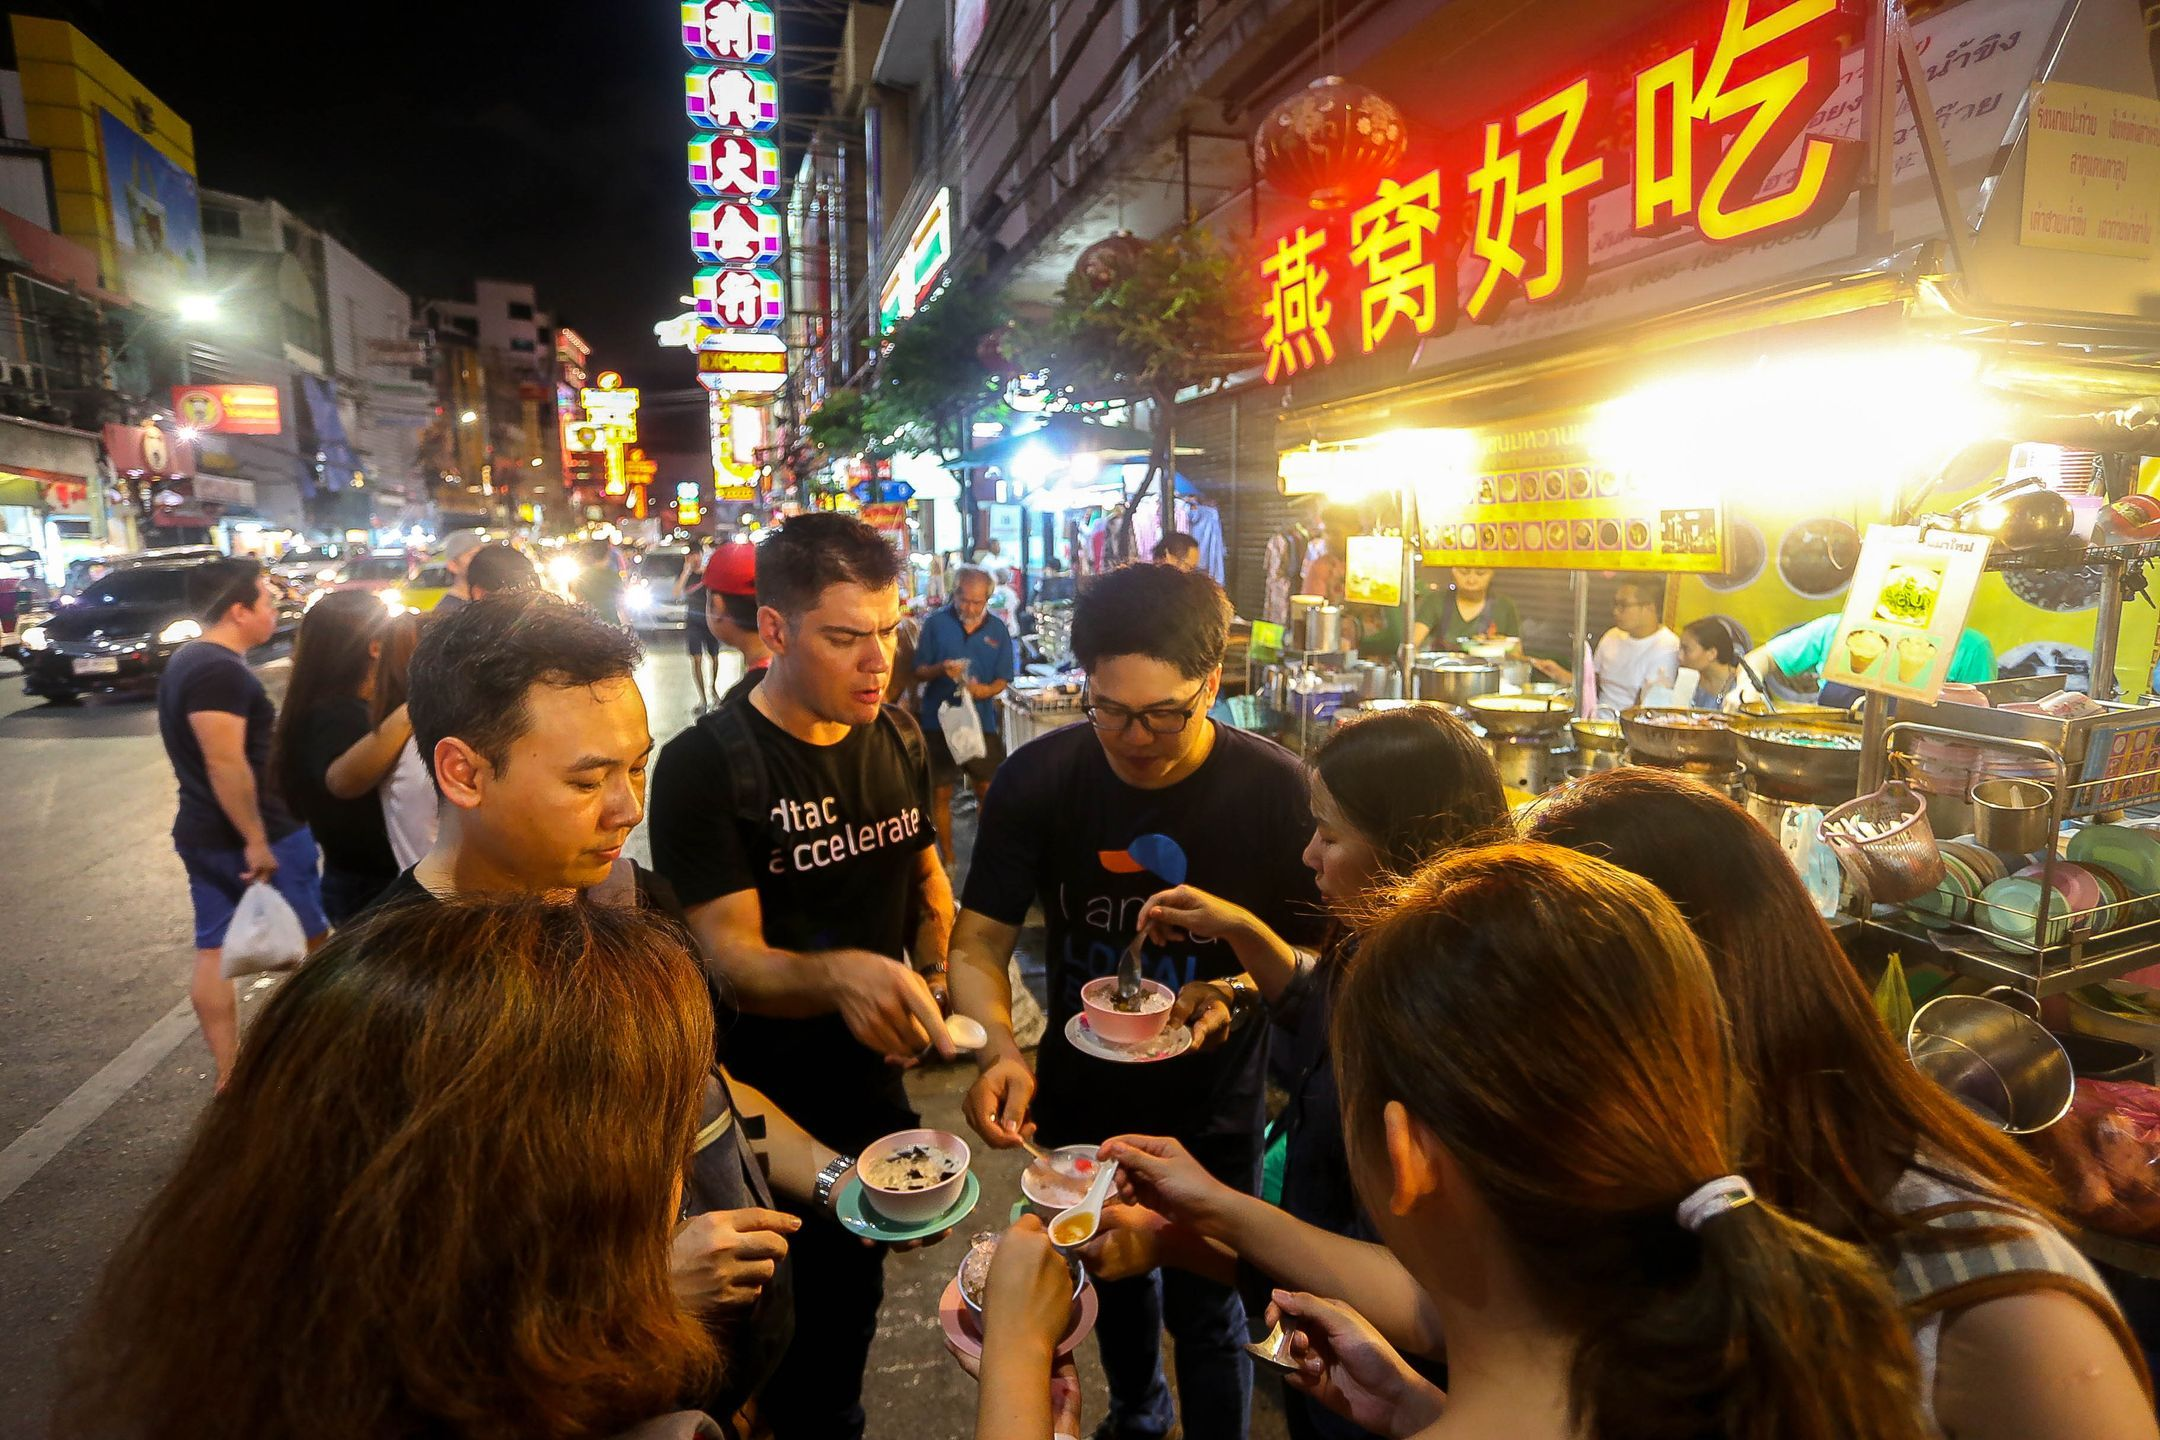 things to do in bangkok, bangkok at night, bangkok, street food